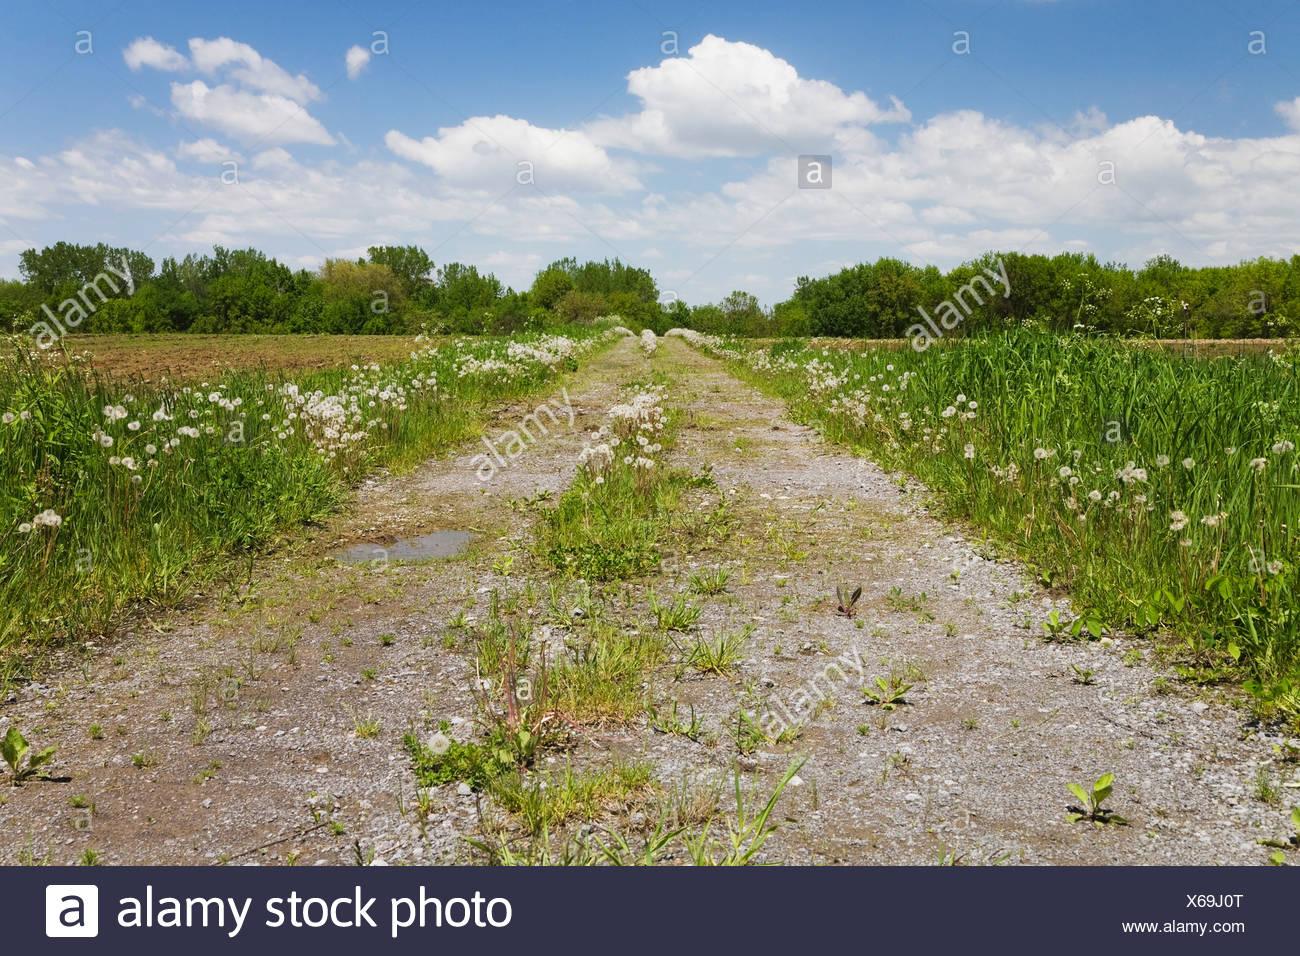 Feldweg durch einen landwirtschaftlichen Bereich im Frühjahr; Quebec Kanada Stockfoto